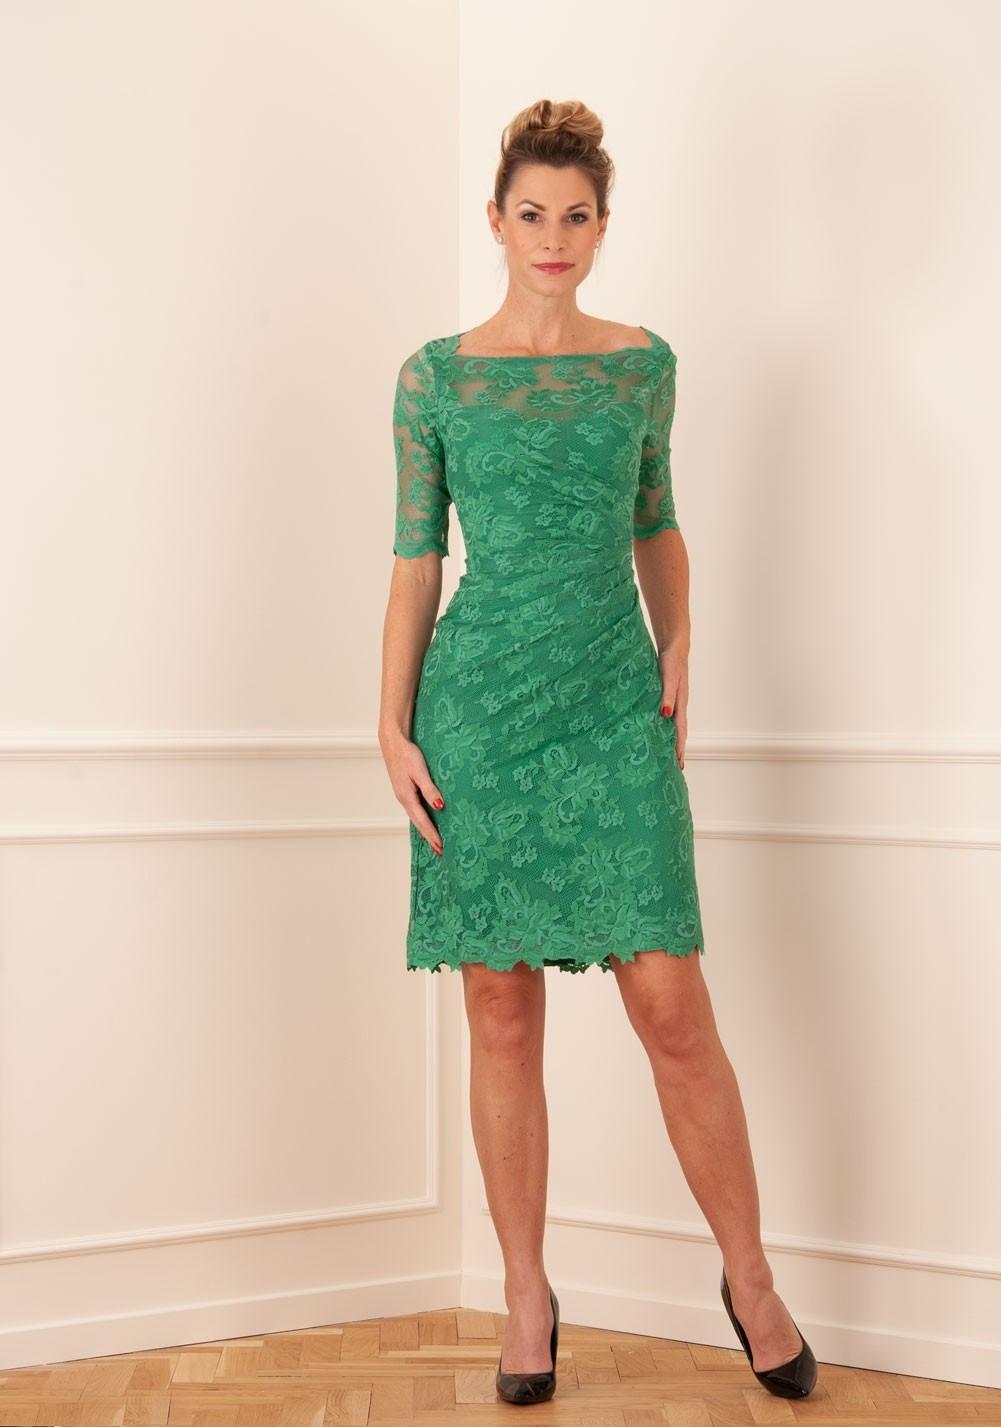 Designer Genial Kleid Grün Festlich Spezialgebiet17 Genial Kleid Grün Festlich Design